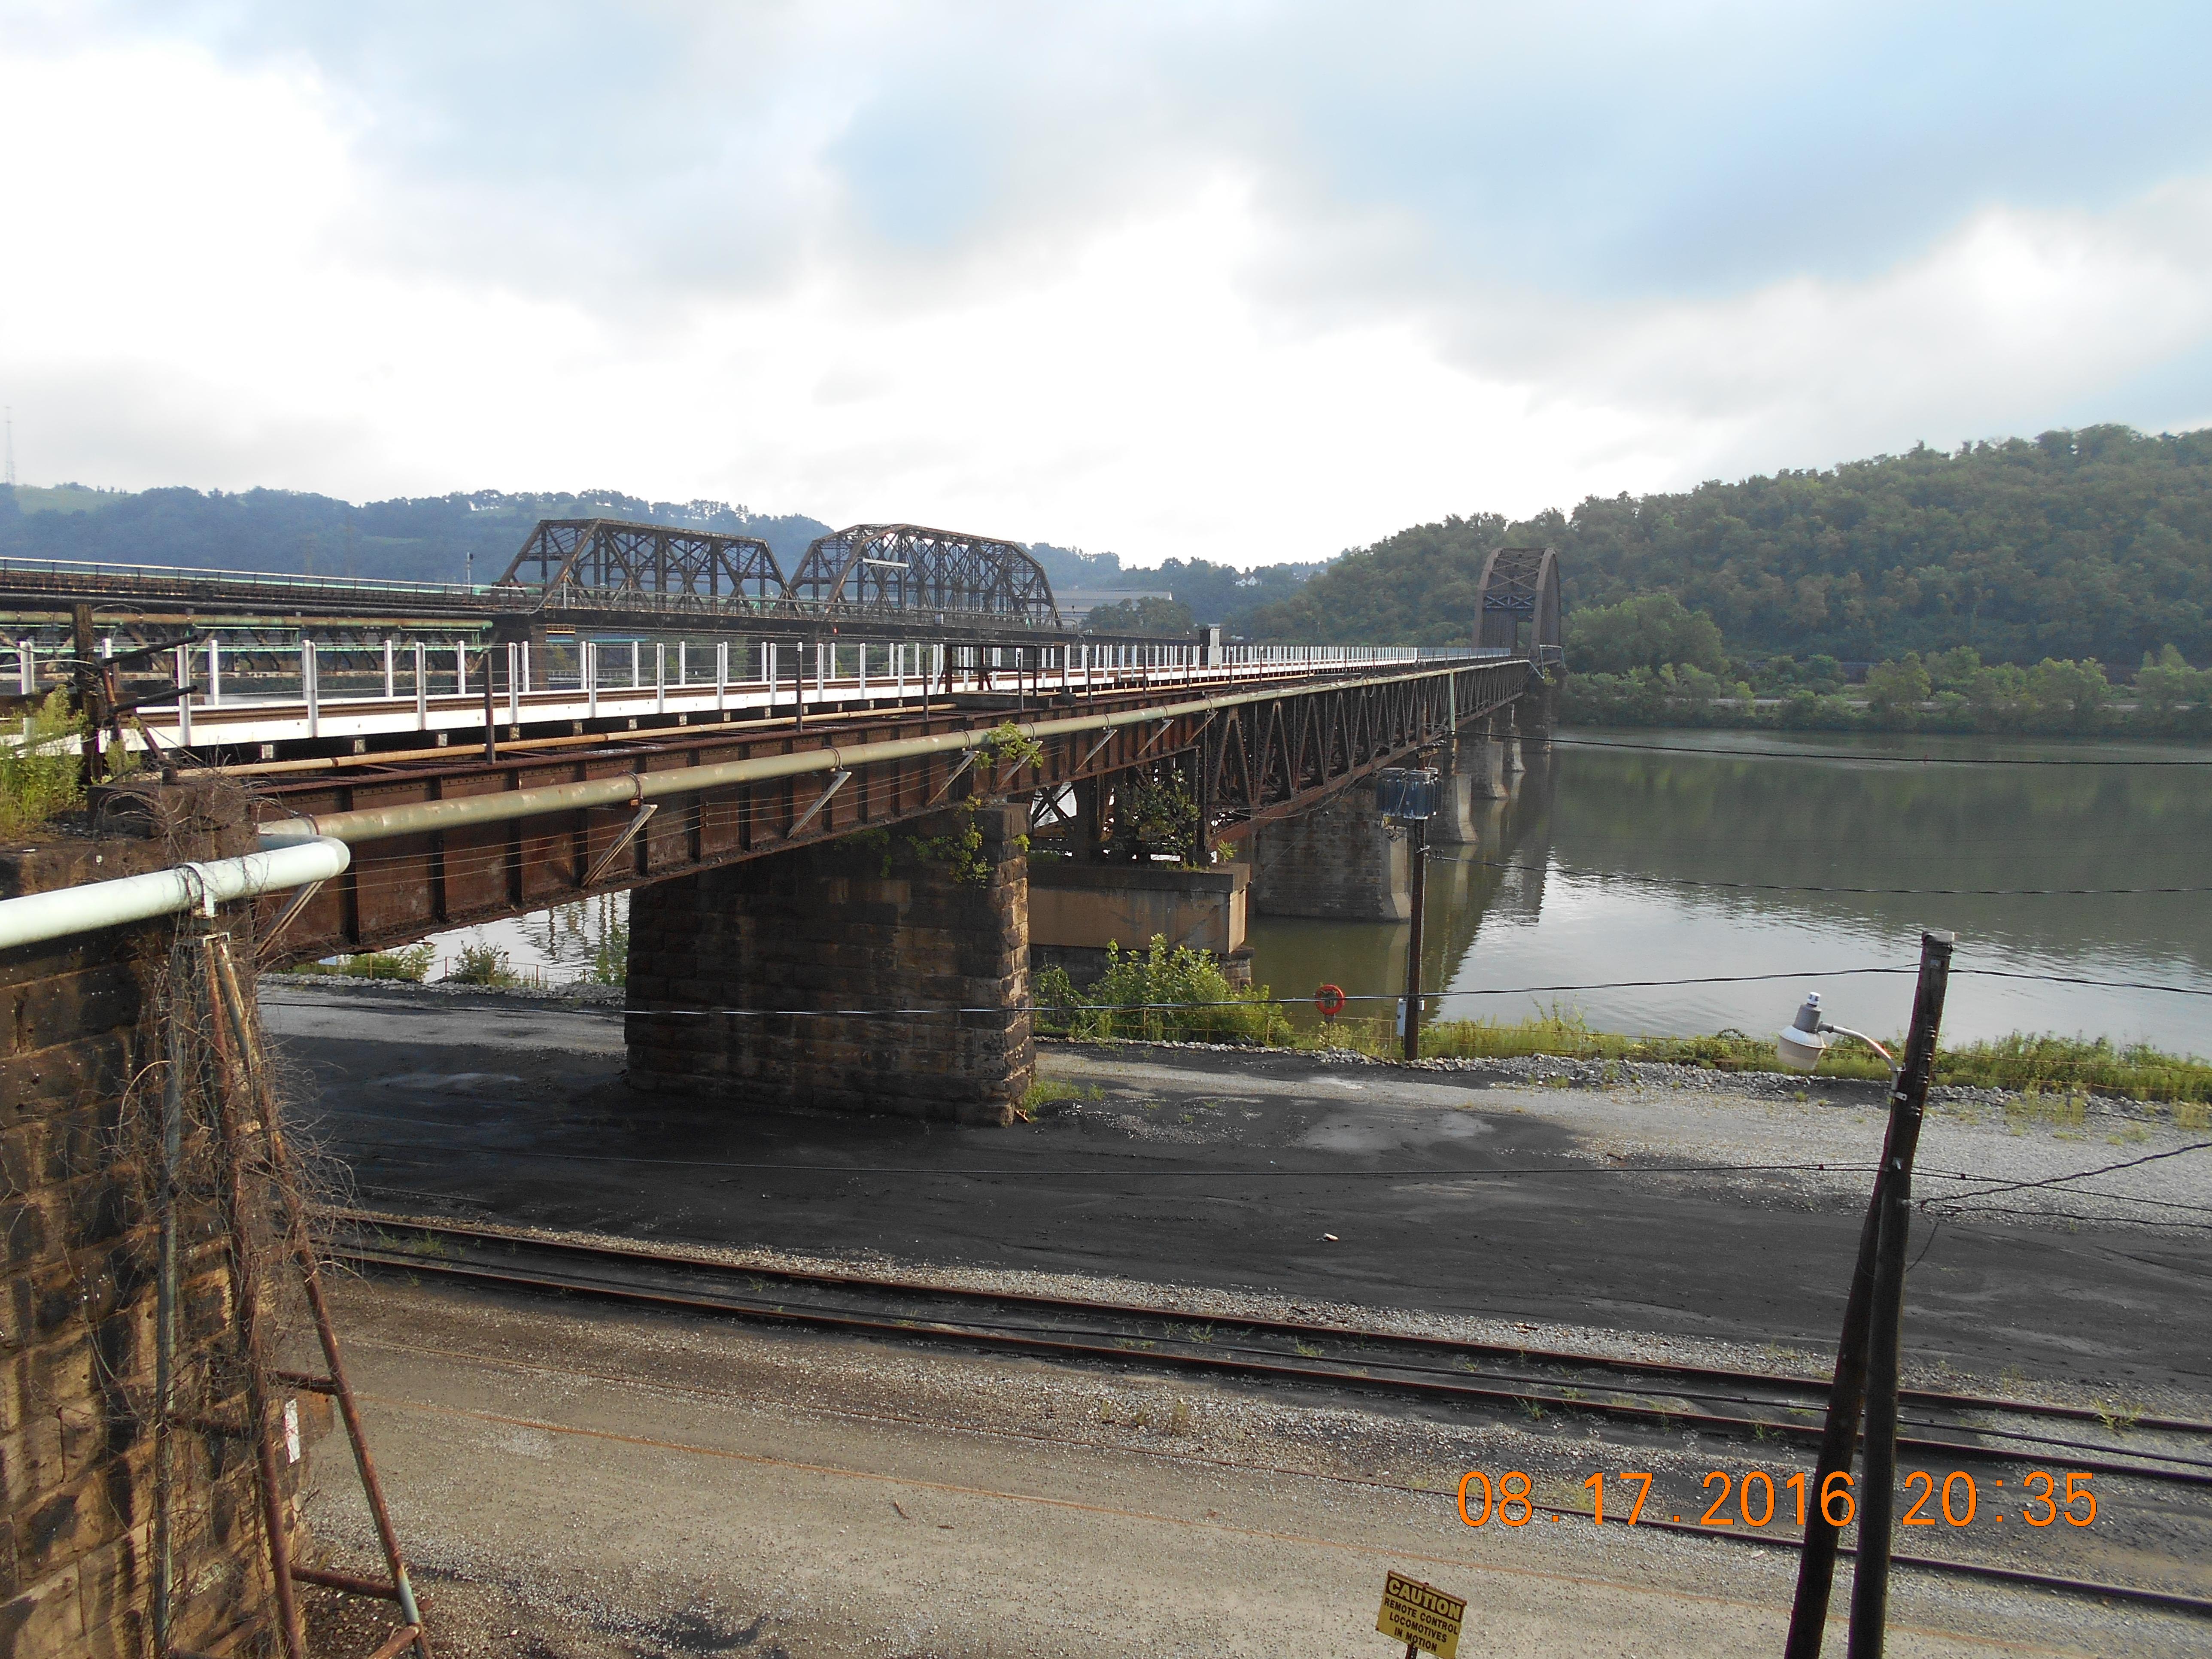 NSR Duq Bridge 1